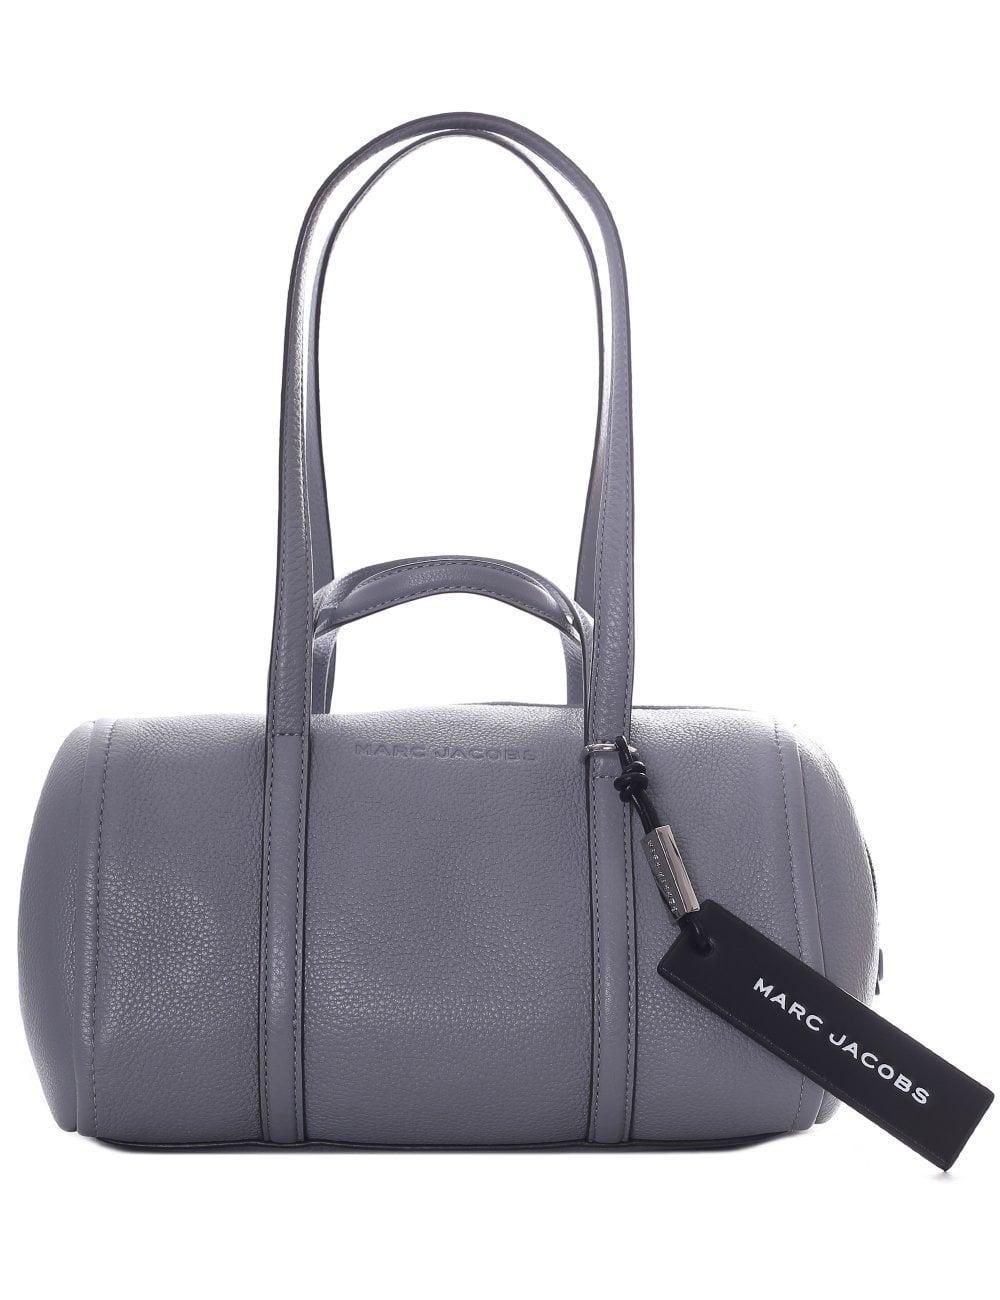 nuovi arrivi ab5db 302de Marc Jacobs Women's Tag Bauletto Bag